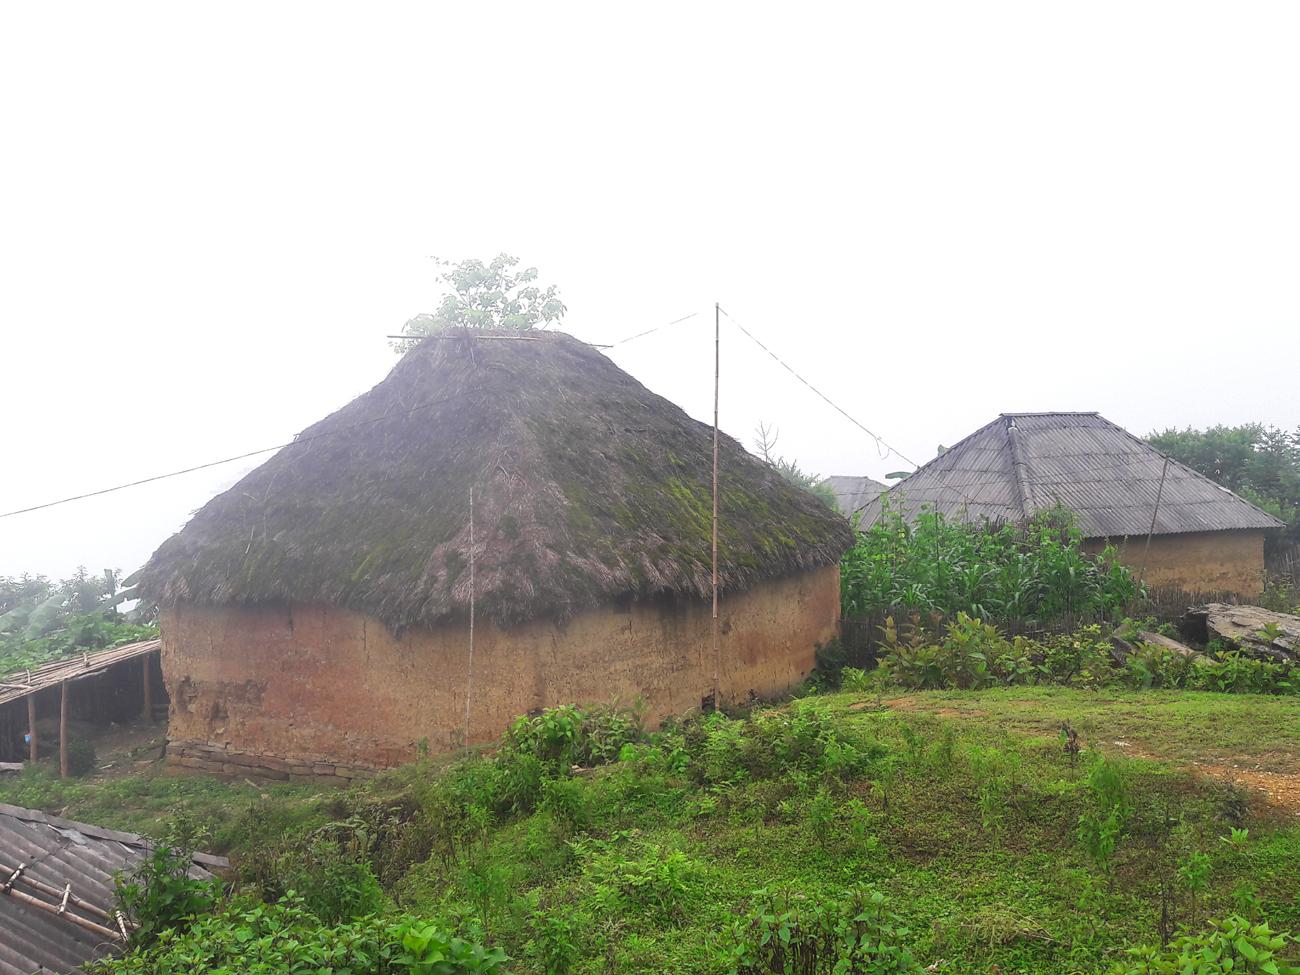 Làng như cổ tích có những ngôi nhà mái cỏ rêu xanh rì, đẹp xa xăm - Hình 5